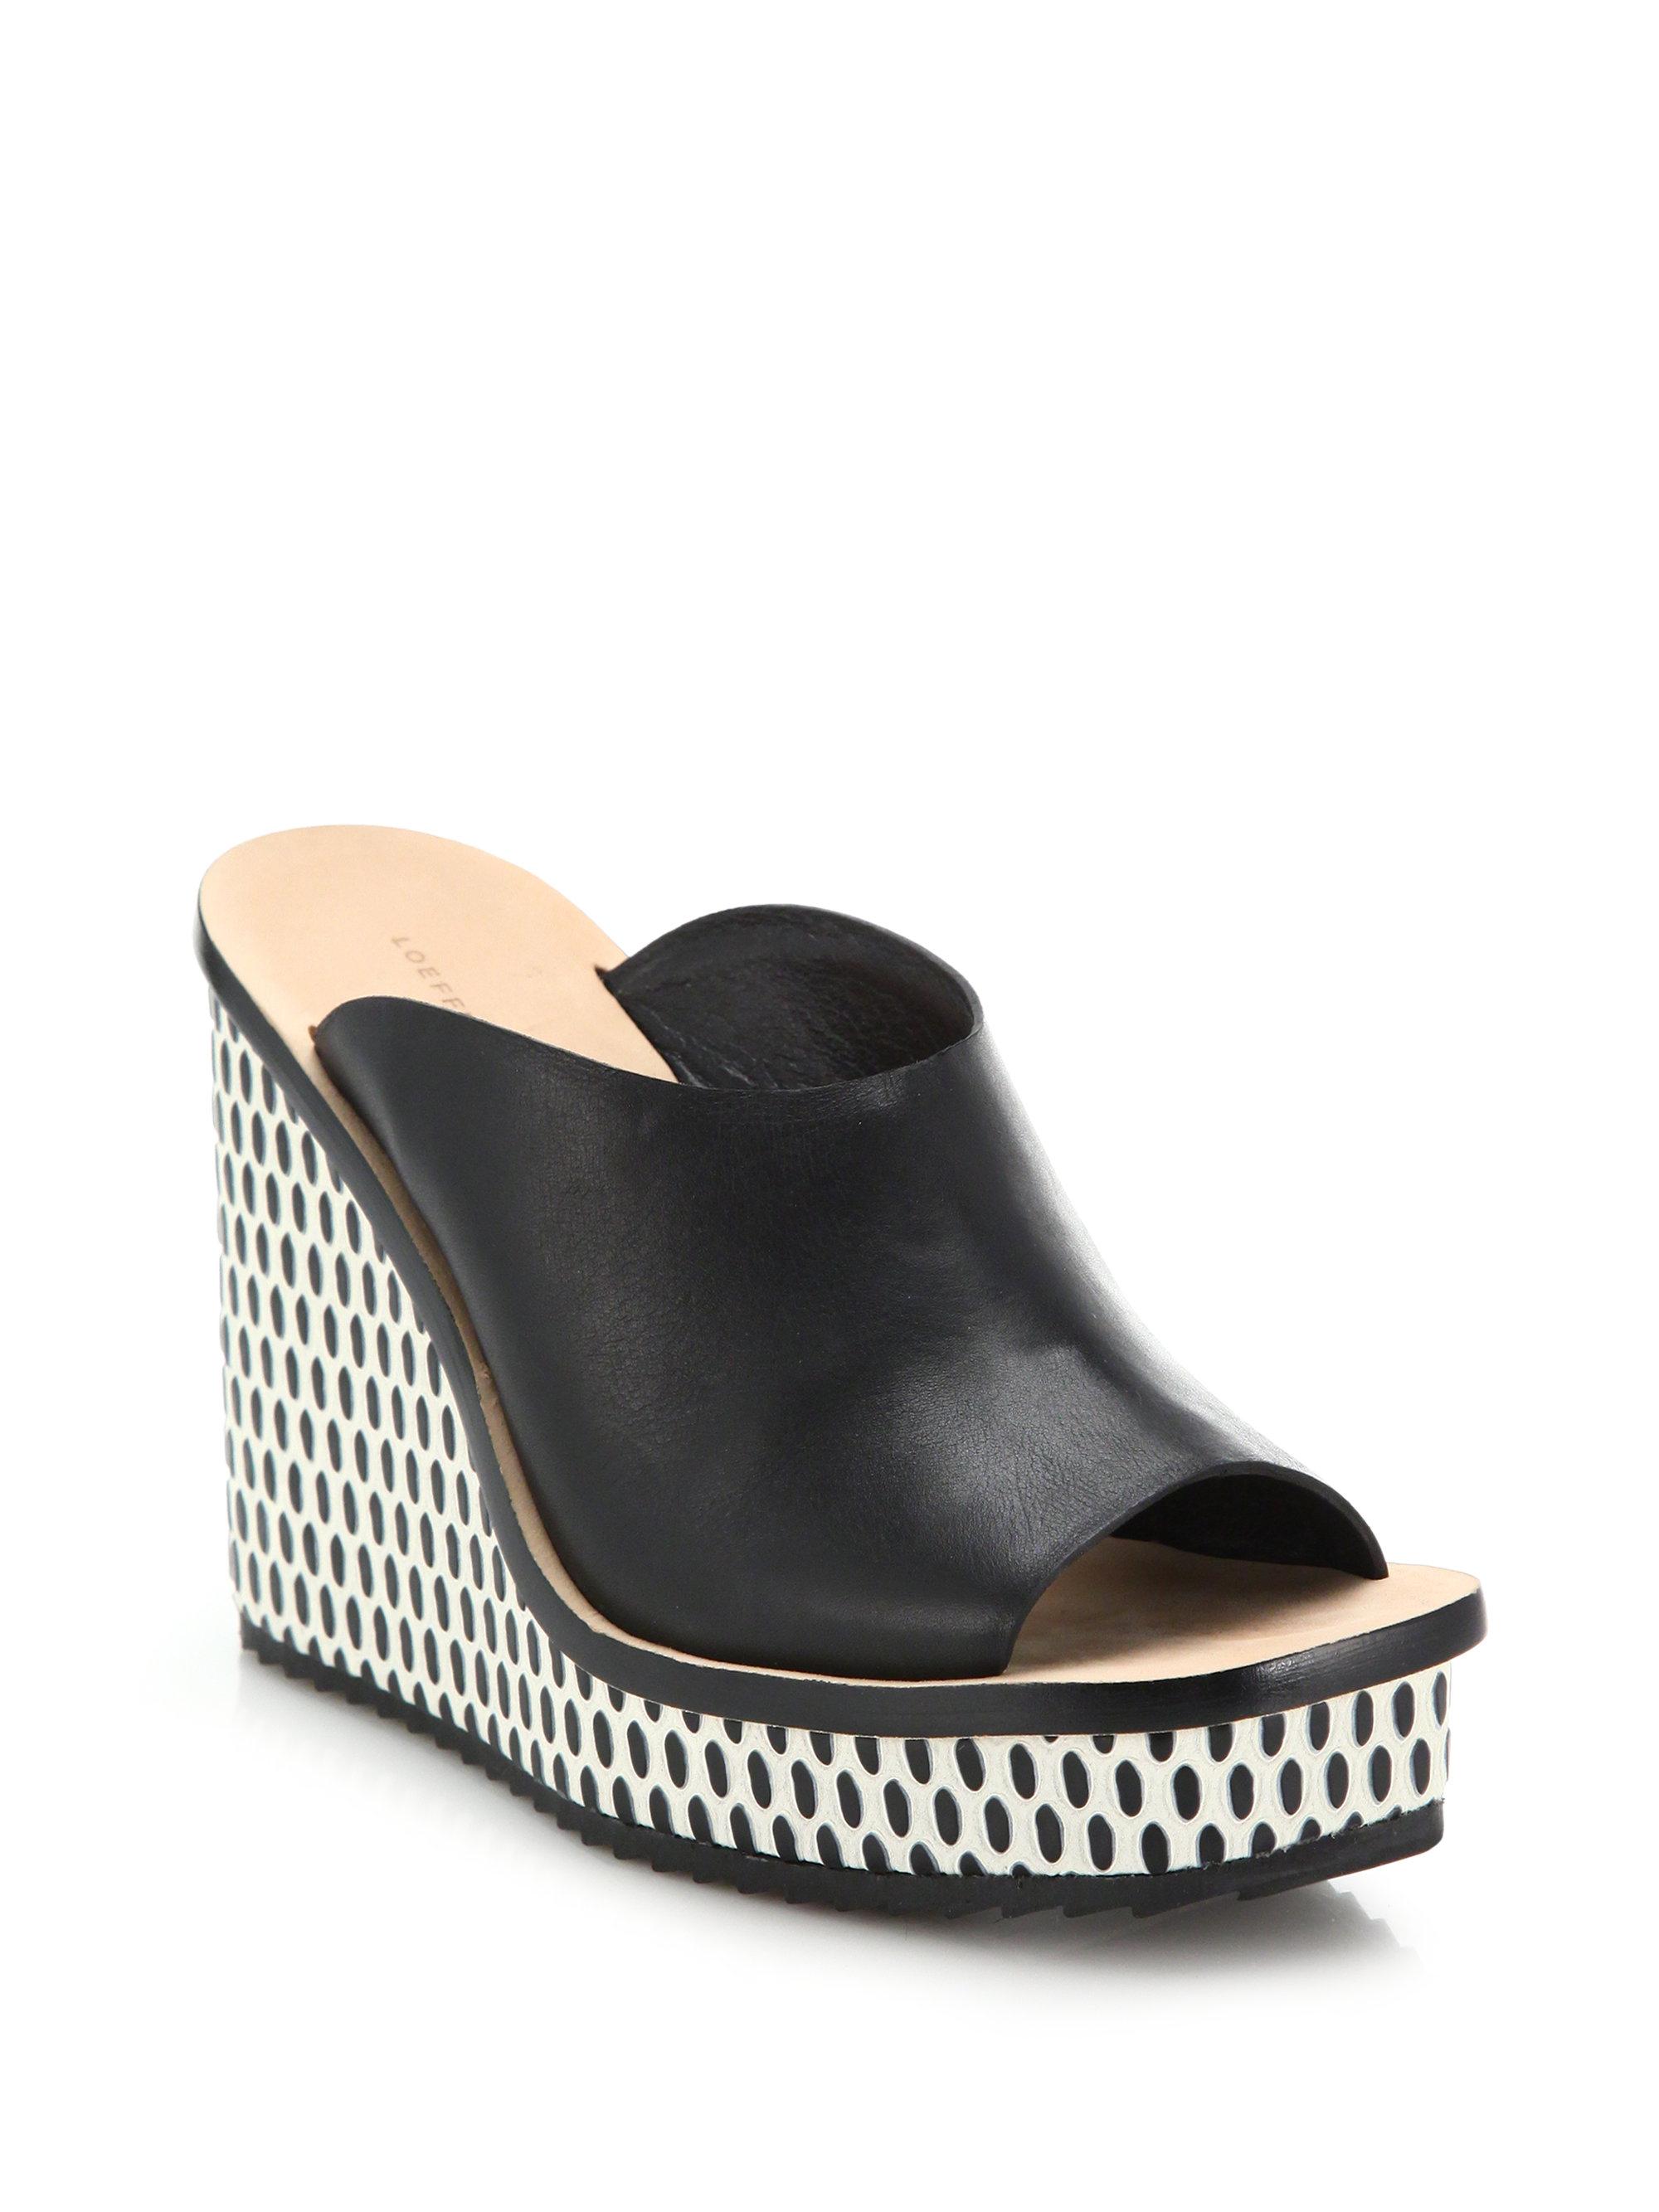 loeffler randall ingrid leather patterned wedge mule